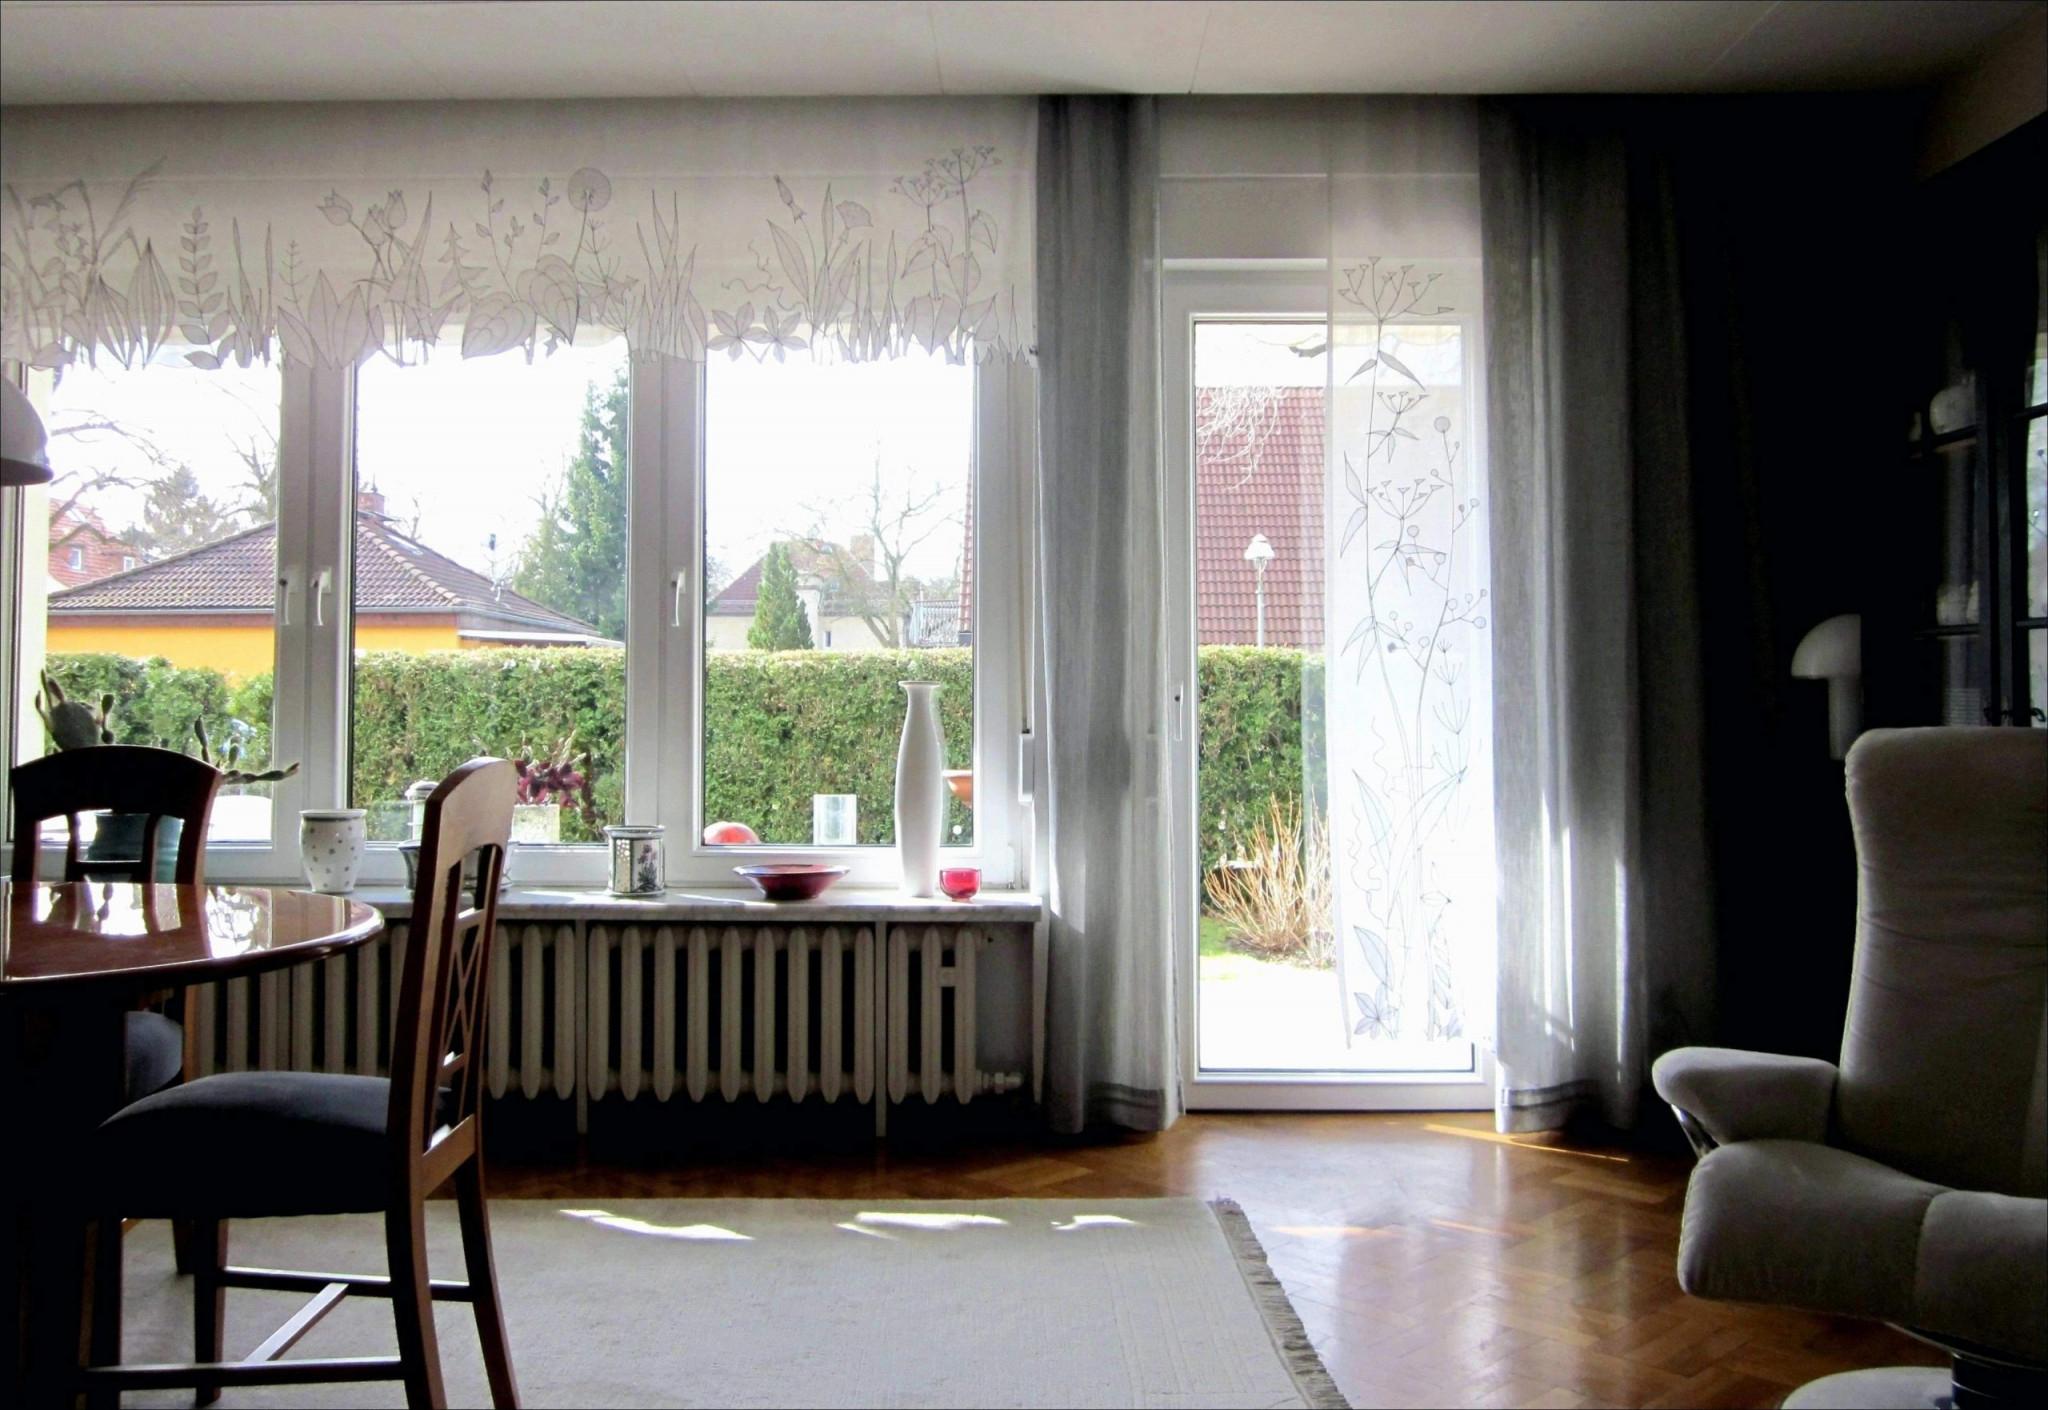 Fenster Gardinen Wohnzimmer Das Beste Von 59 Elegant Fenster von Fenster Gardinen Wohnzimmer Bild